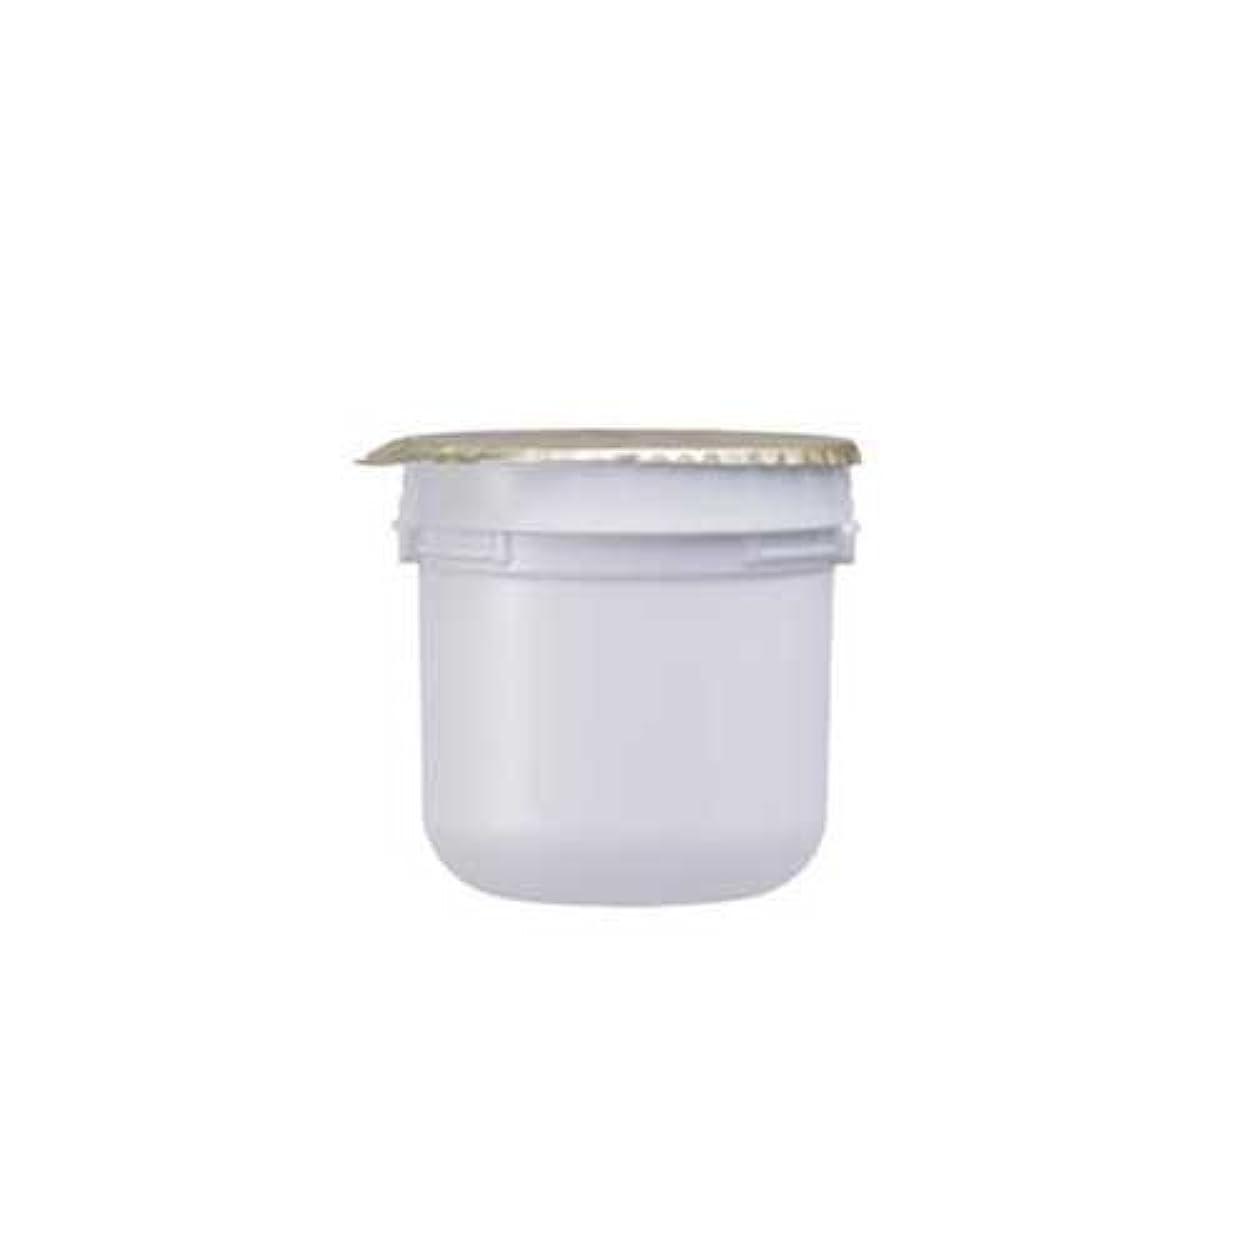 ホームレス印をつけるベイビーASTALIFT(アスタリフト) ホワイト クリーム(美白クリーム)レフィル 30g